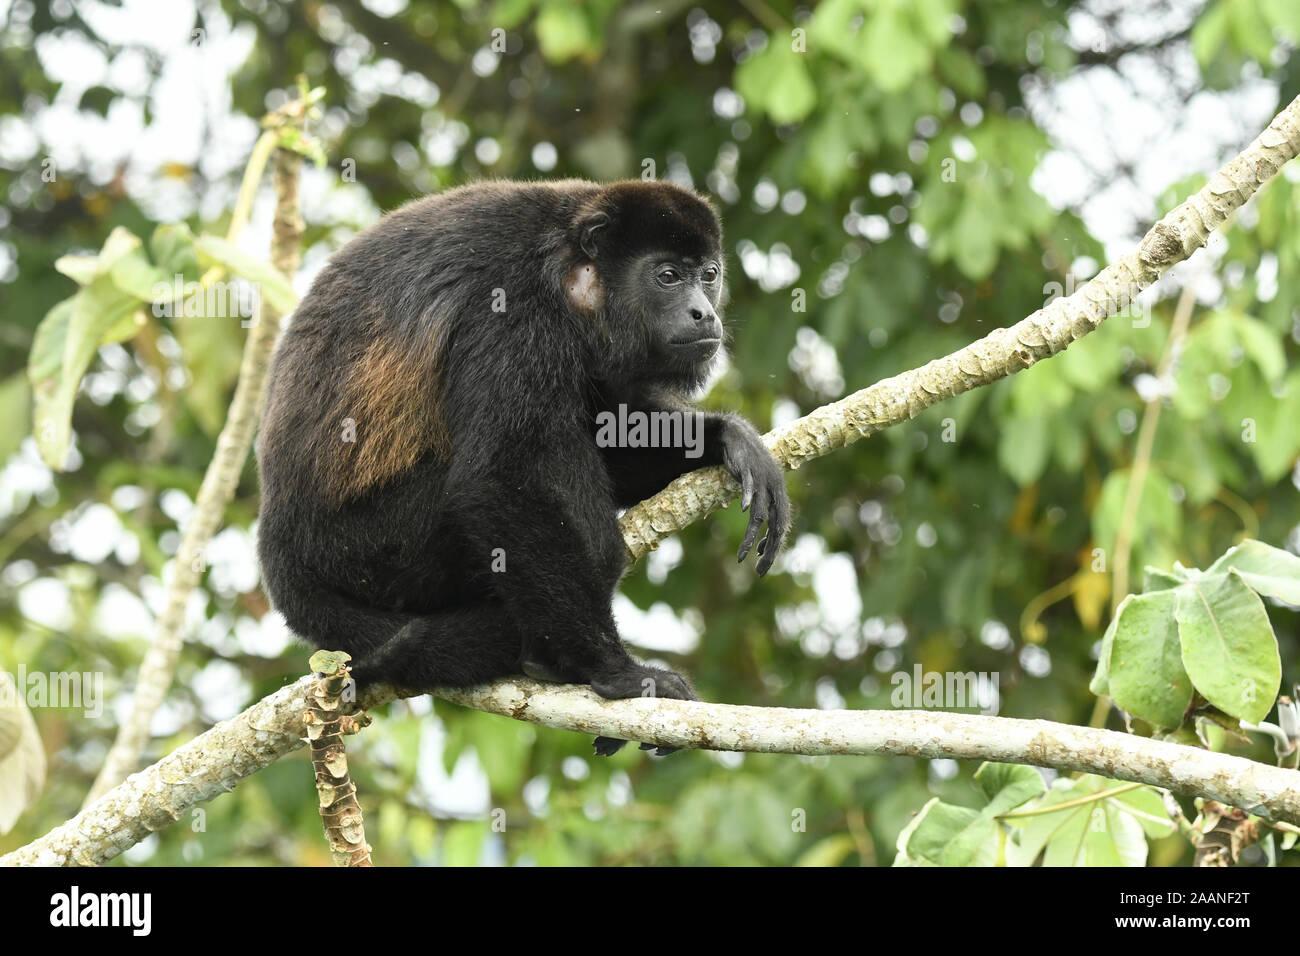 Manteau Singe hurleur (Alouatta palliata) assis dans adultes arbre cecropia, Parc National de Soberania, Panama, octobre Banque D'Images